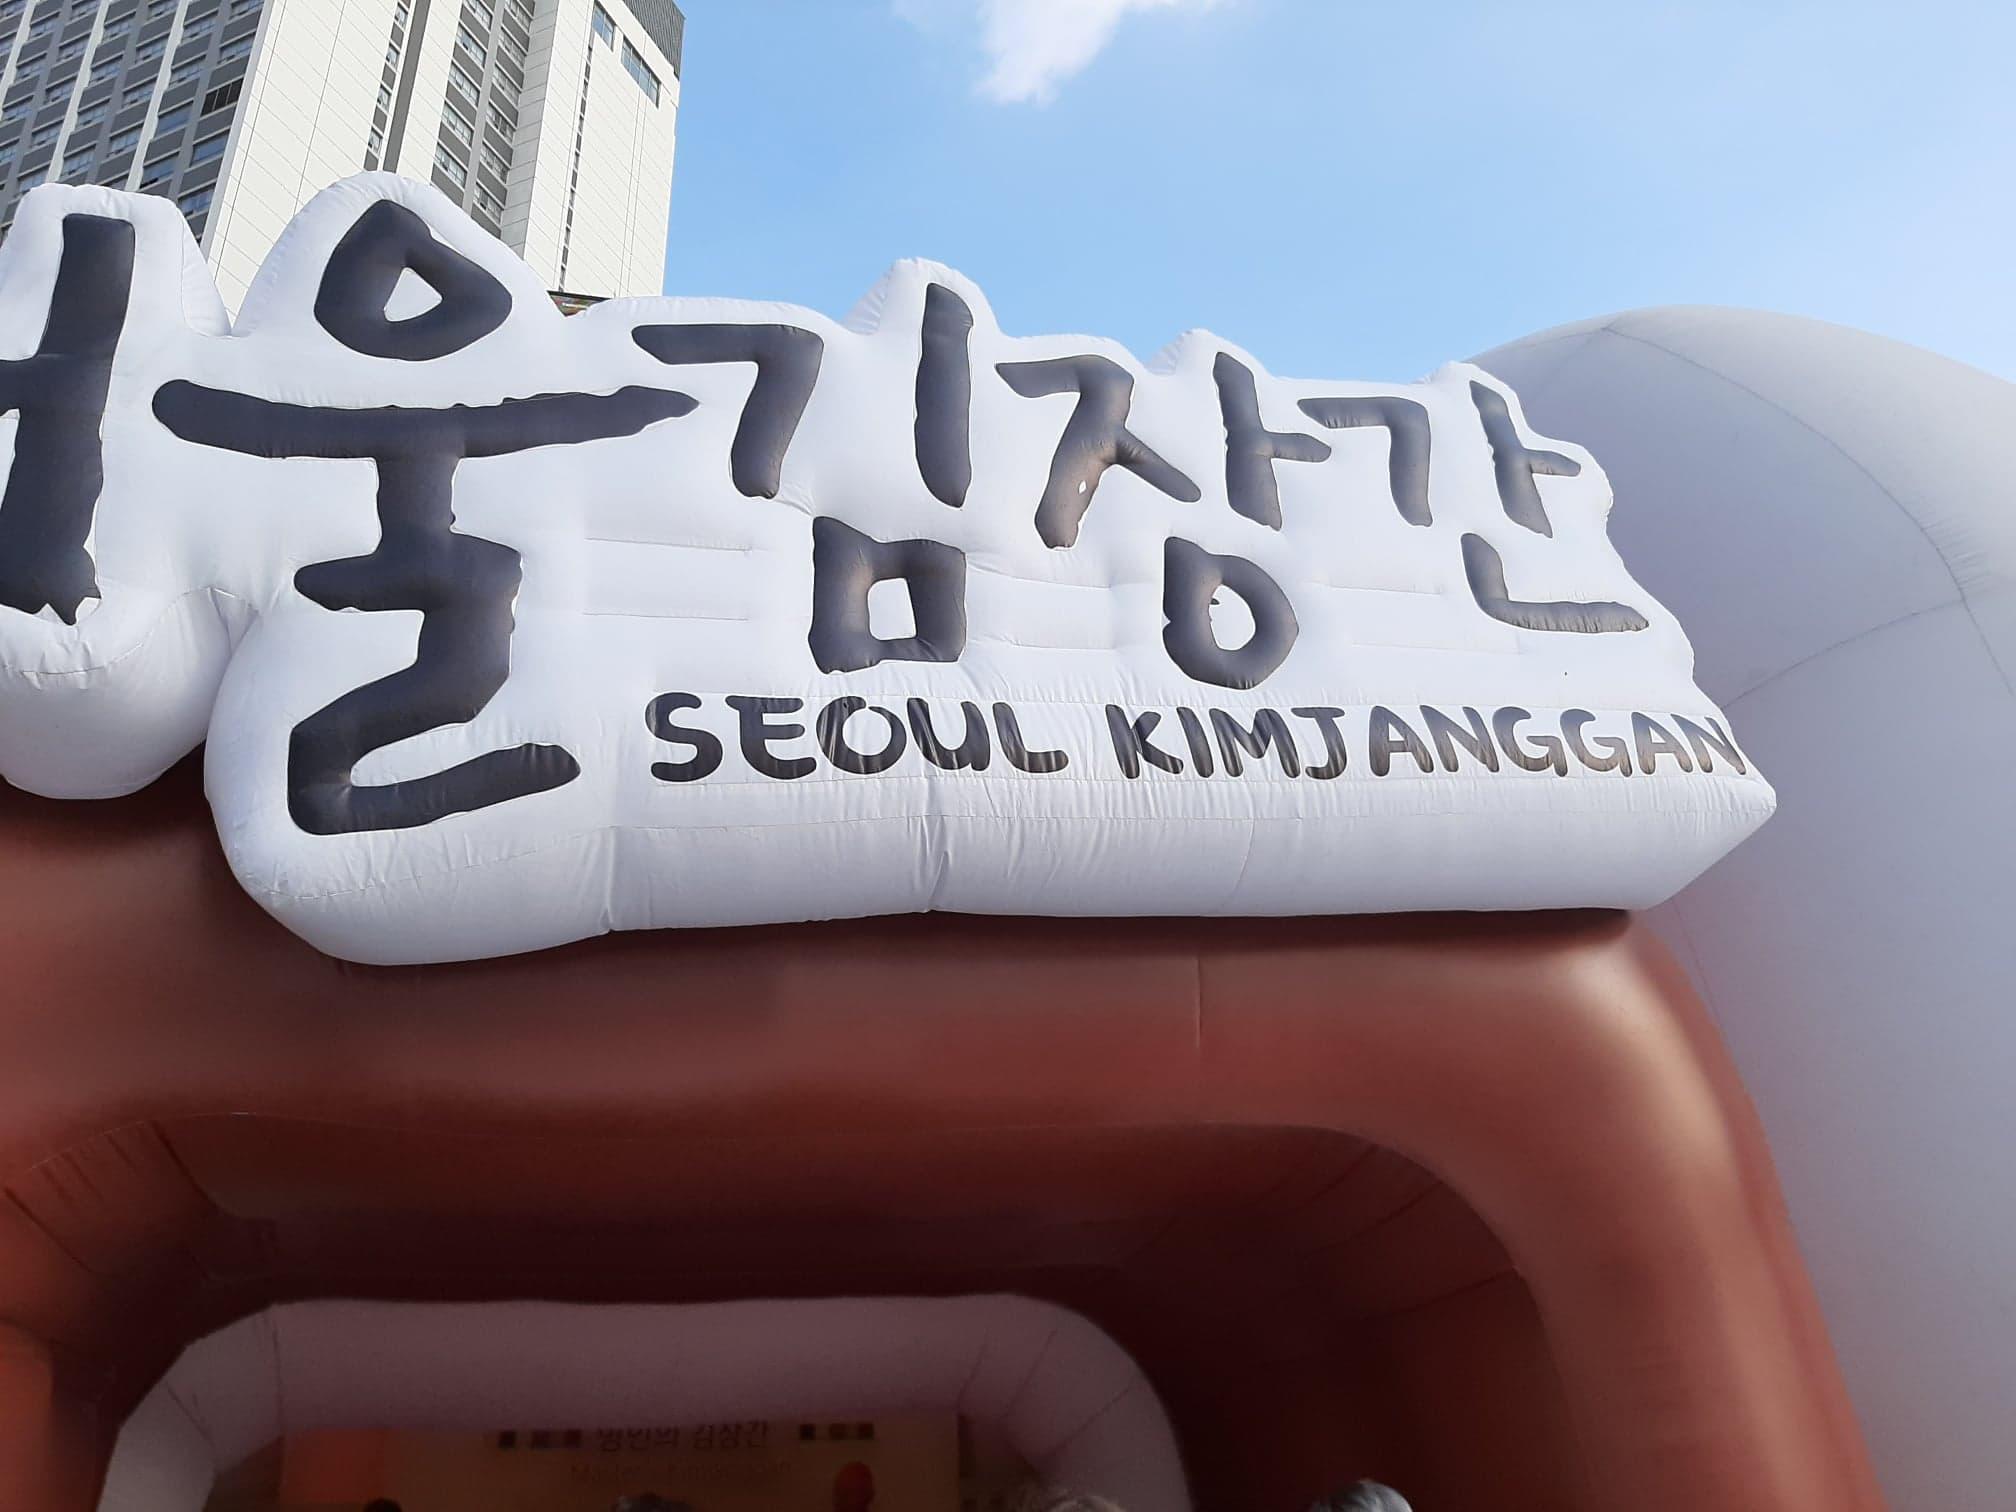 seoul kimjanggang